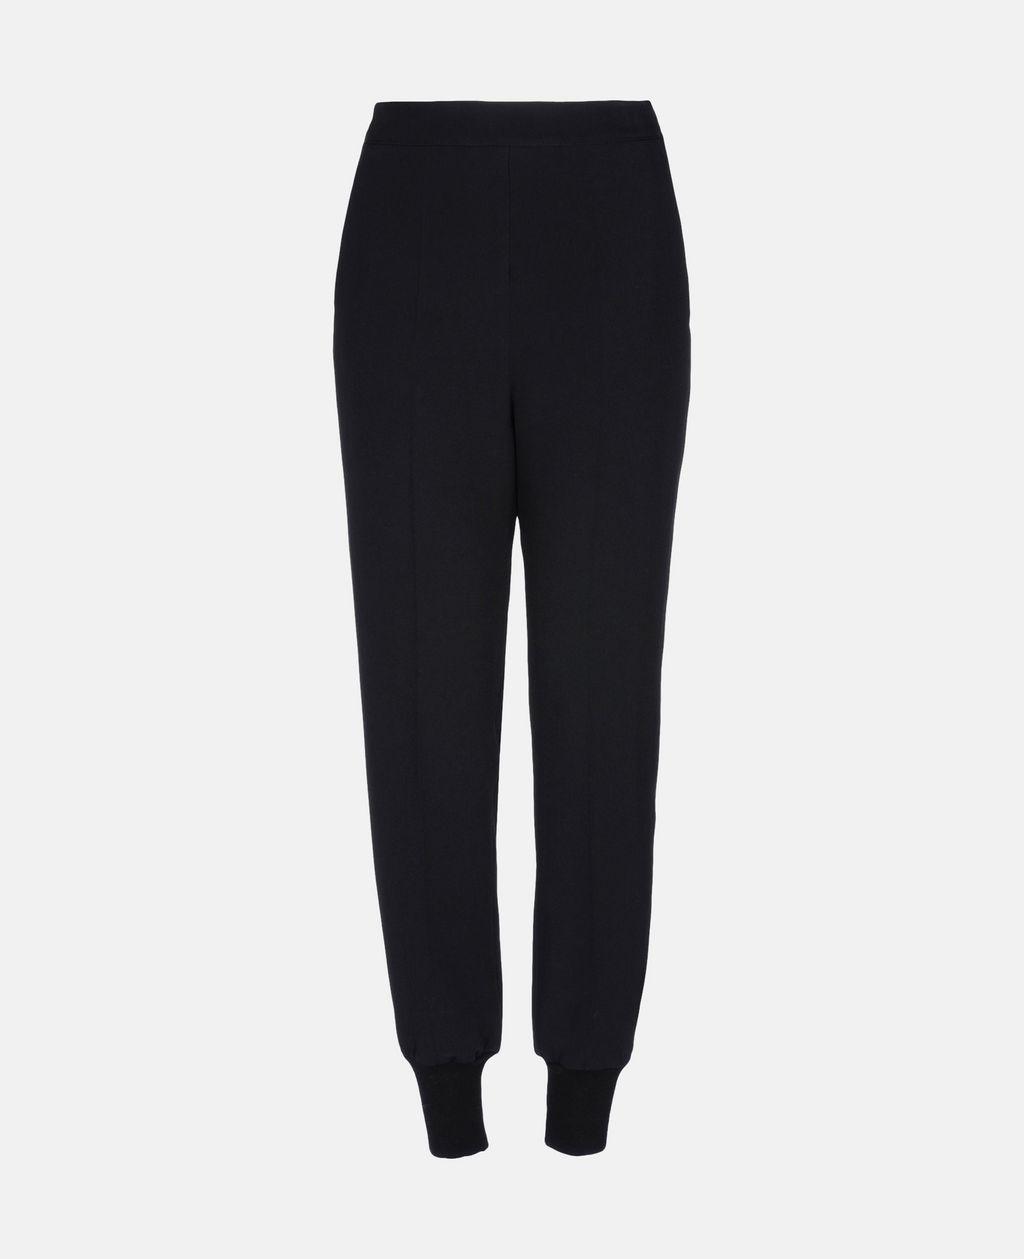 Pantalon Julia noir - STELLA MCCARTNEY